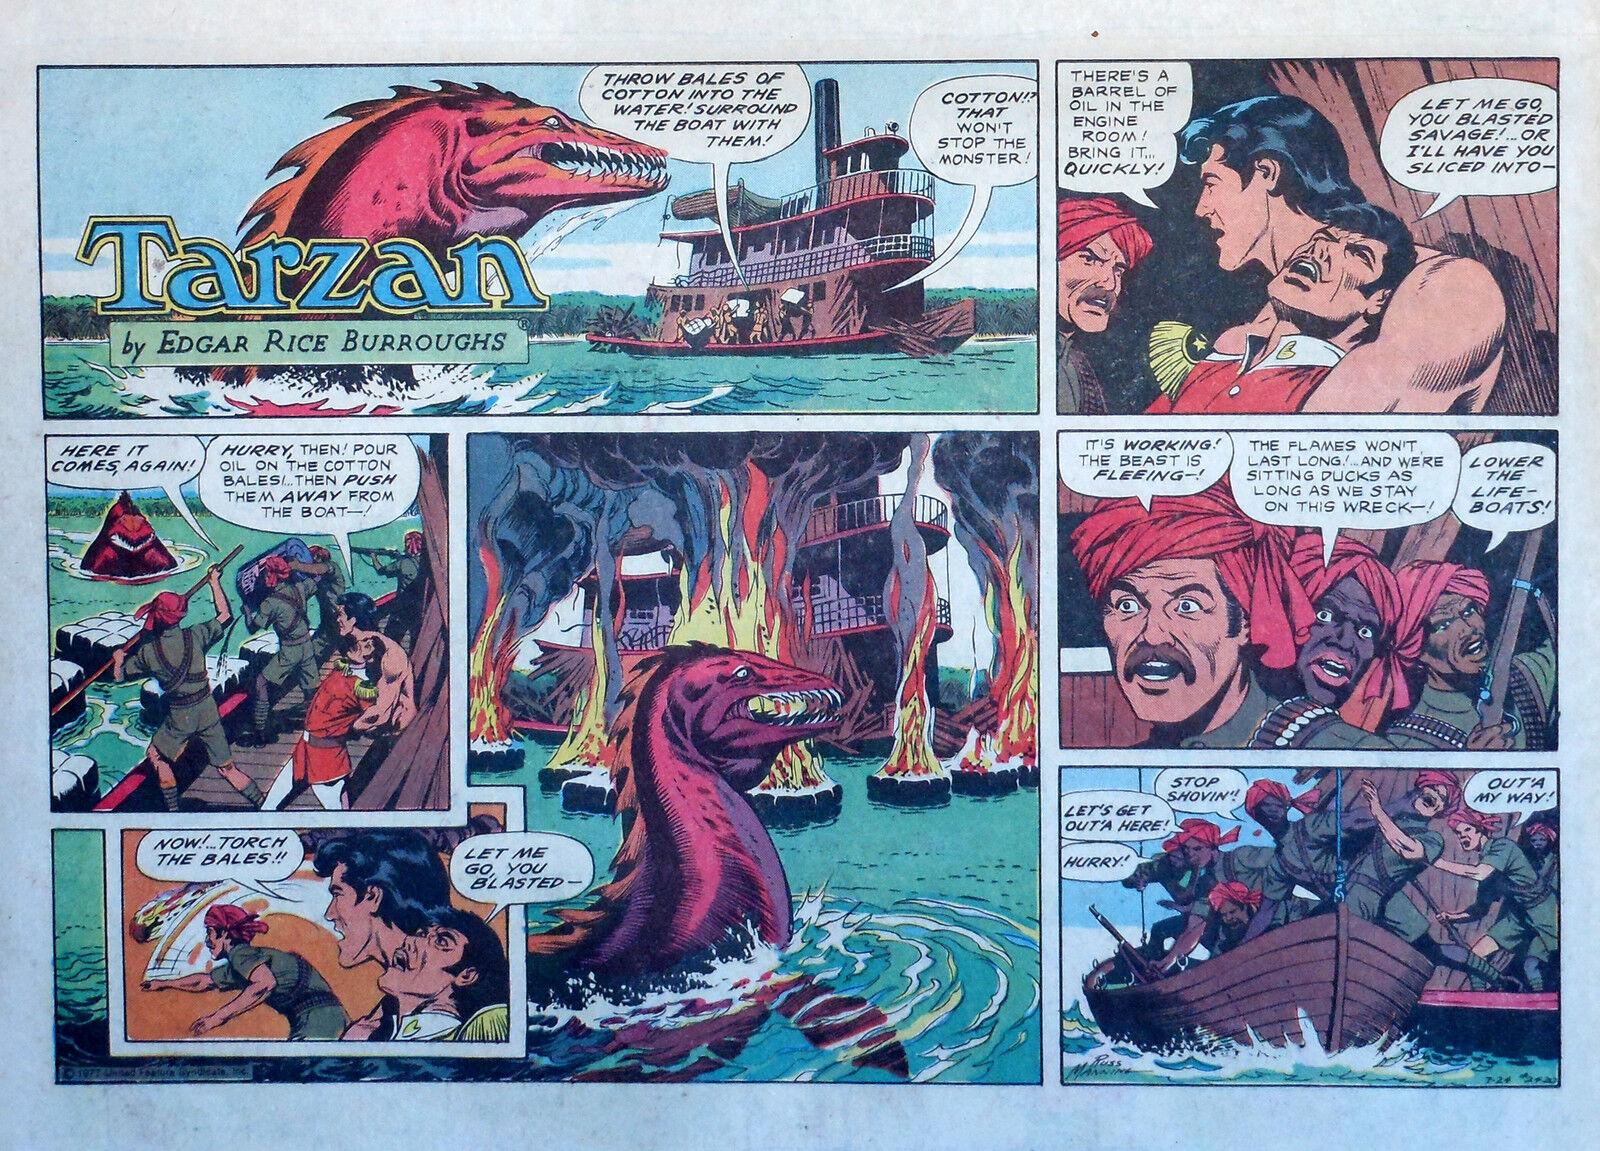 Erickson Comics and Paper